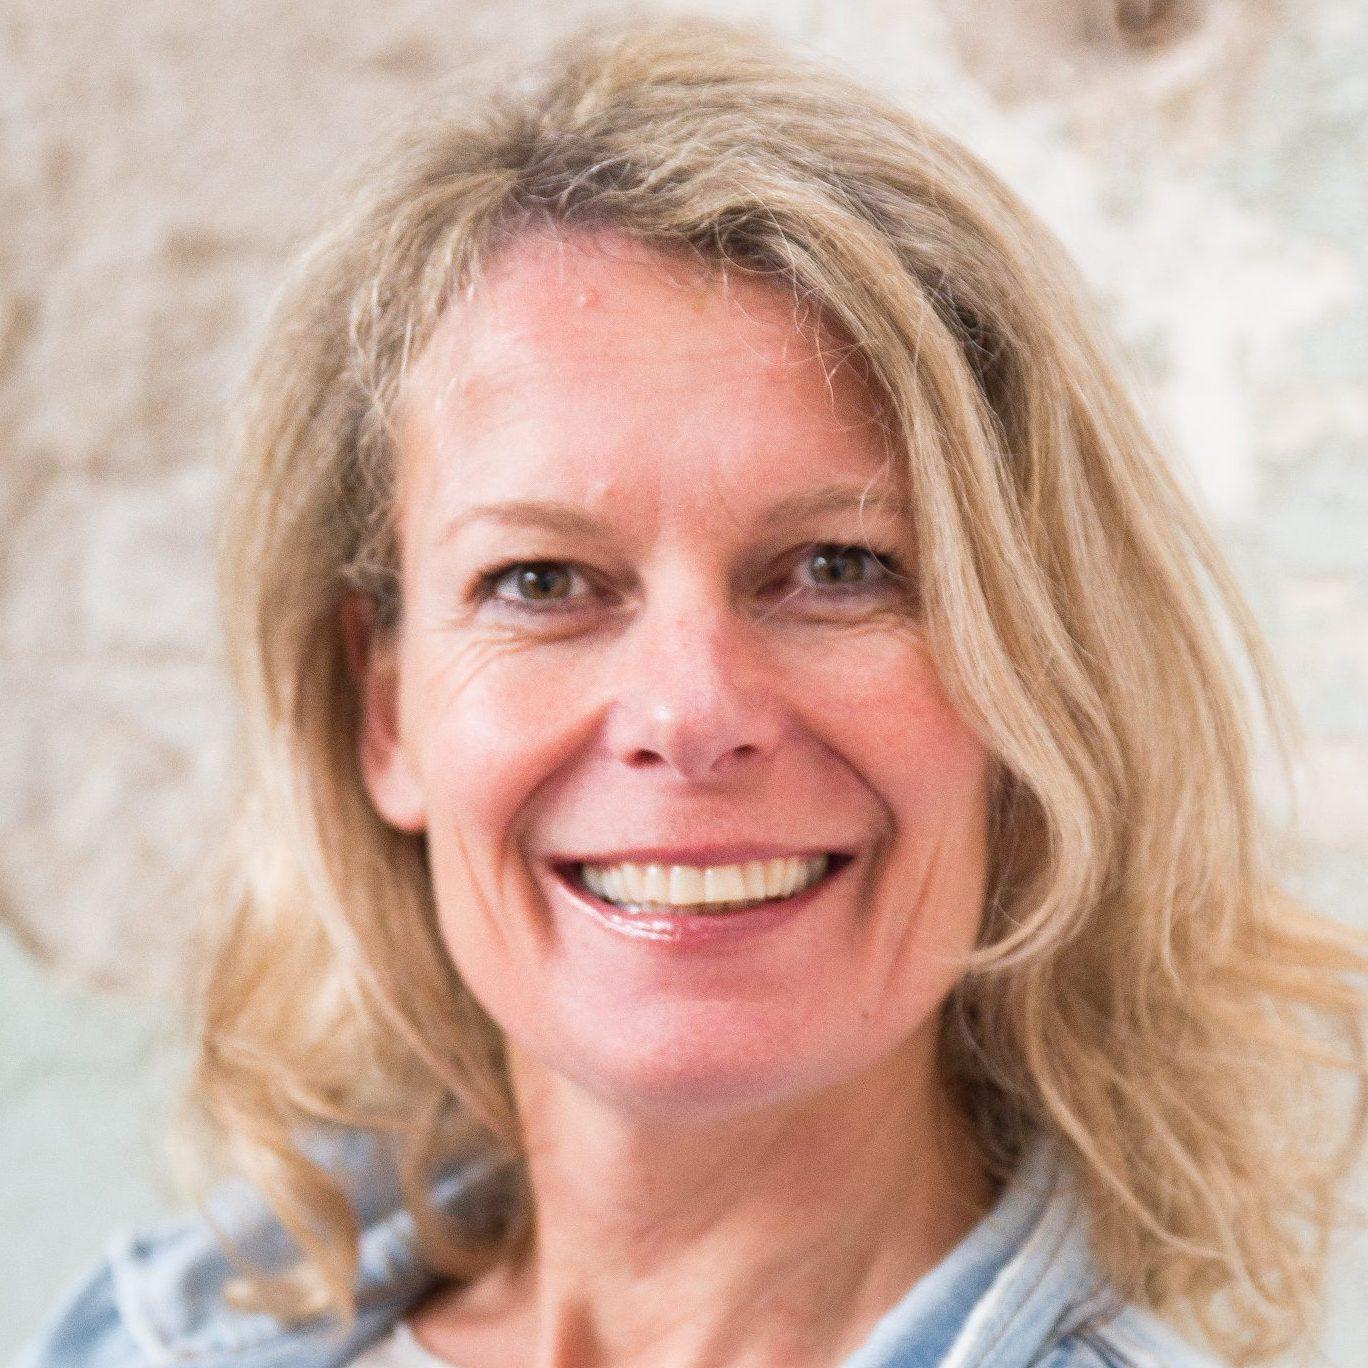 Monique van Reisen fotograaf